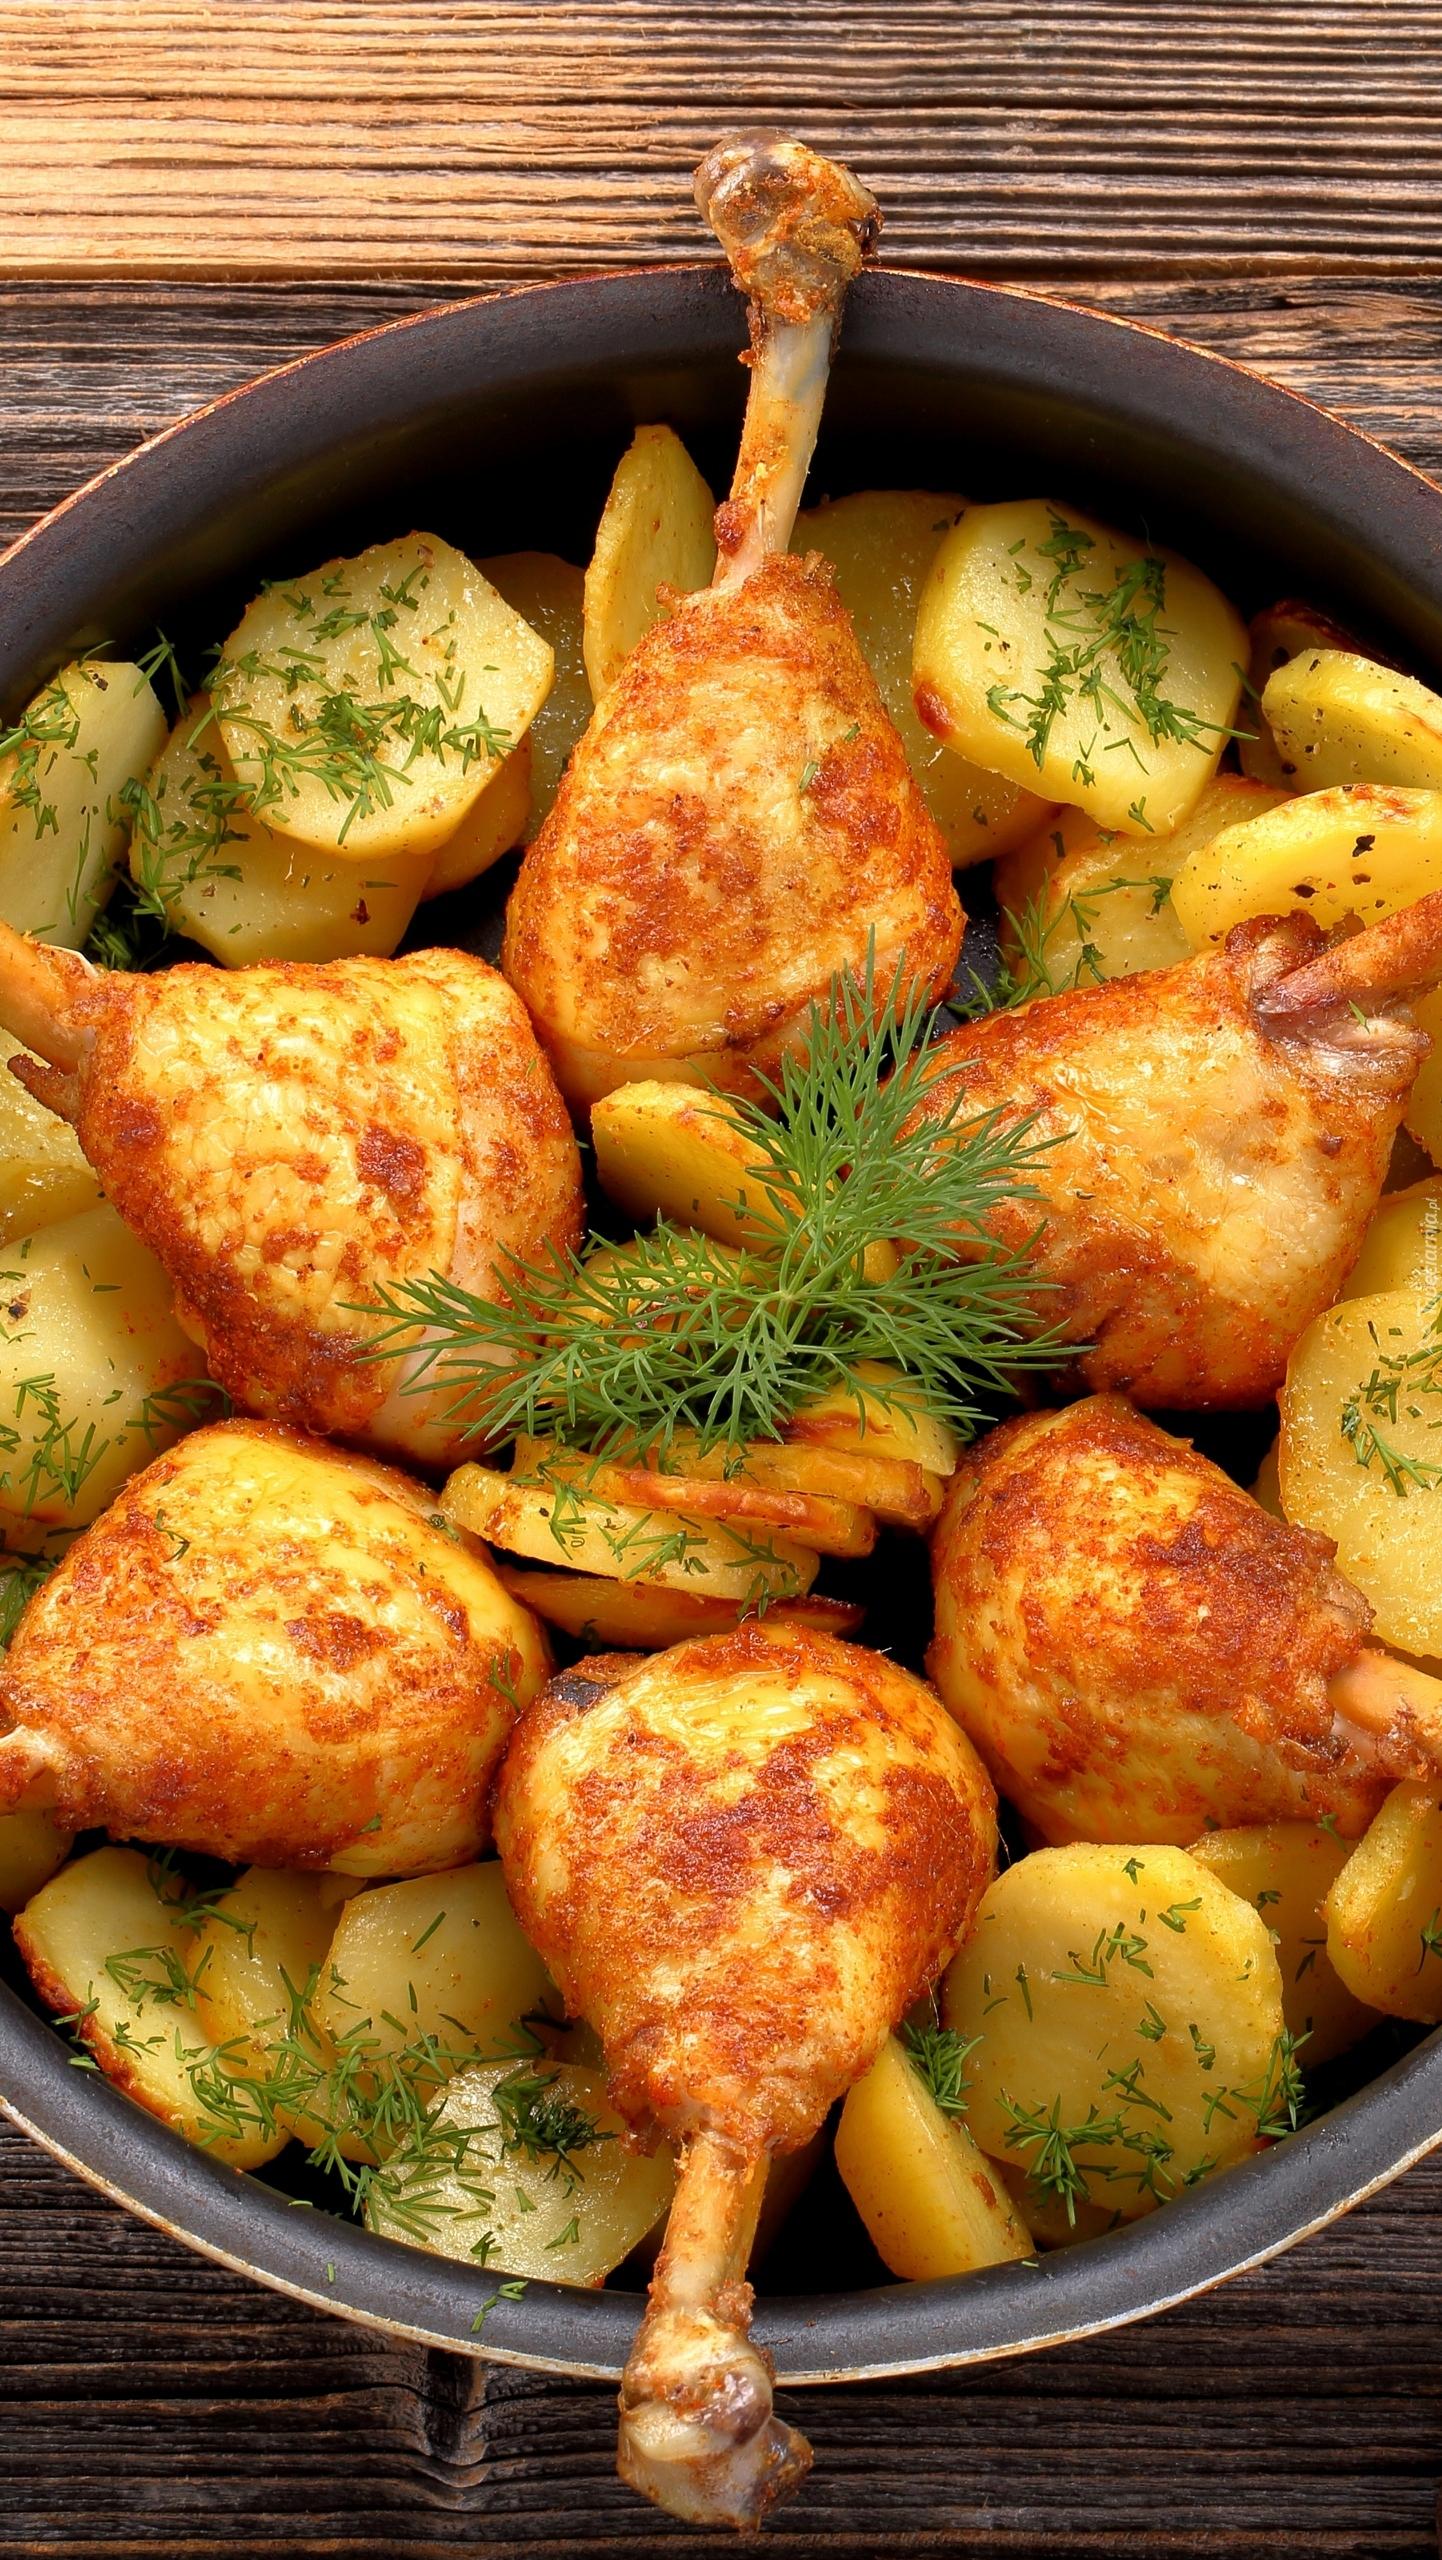 Udka kurczaka z ziemniakami na patelni